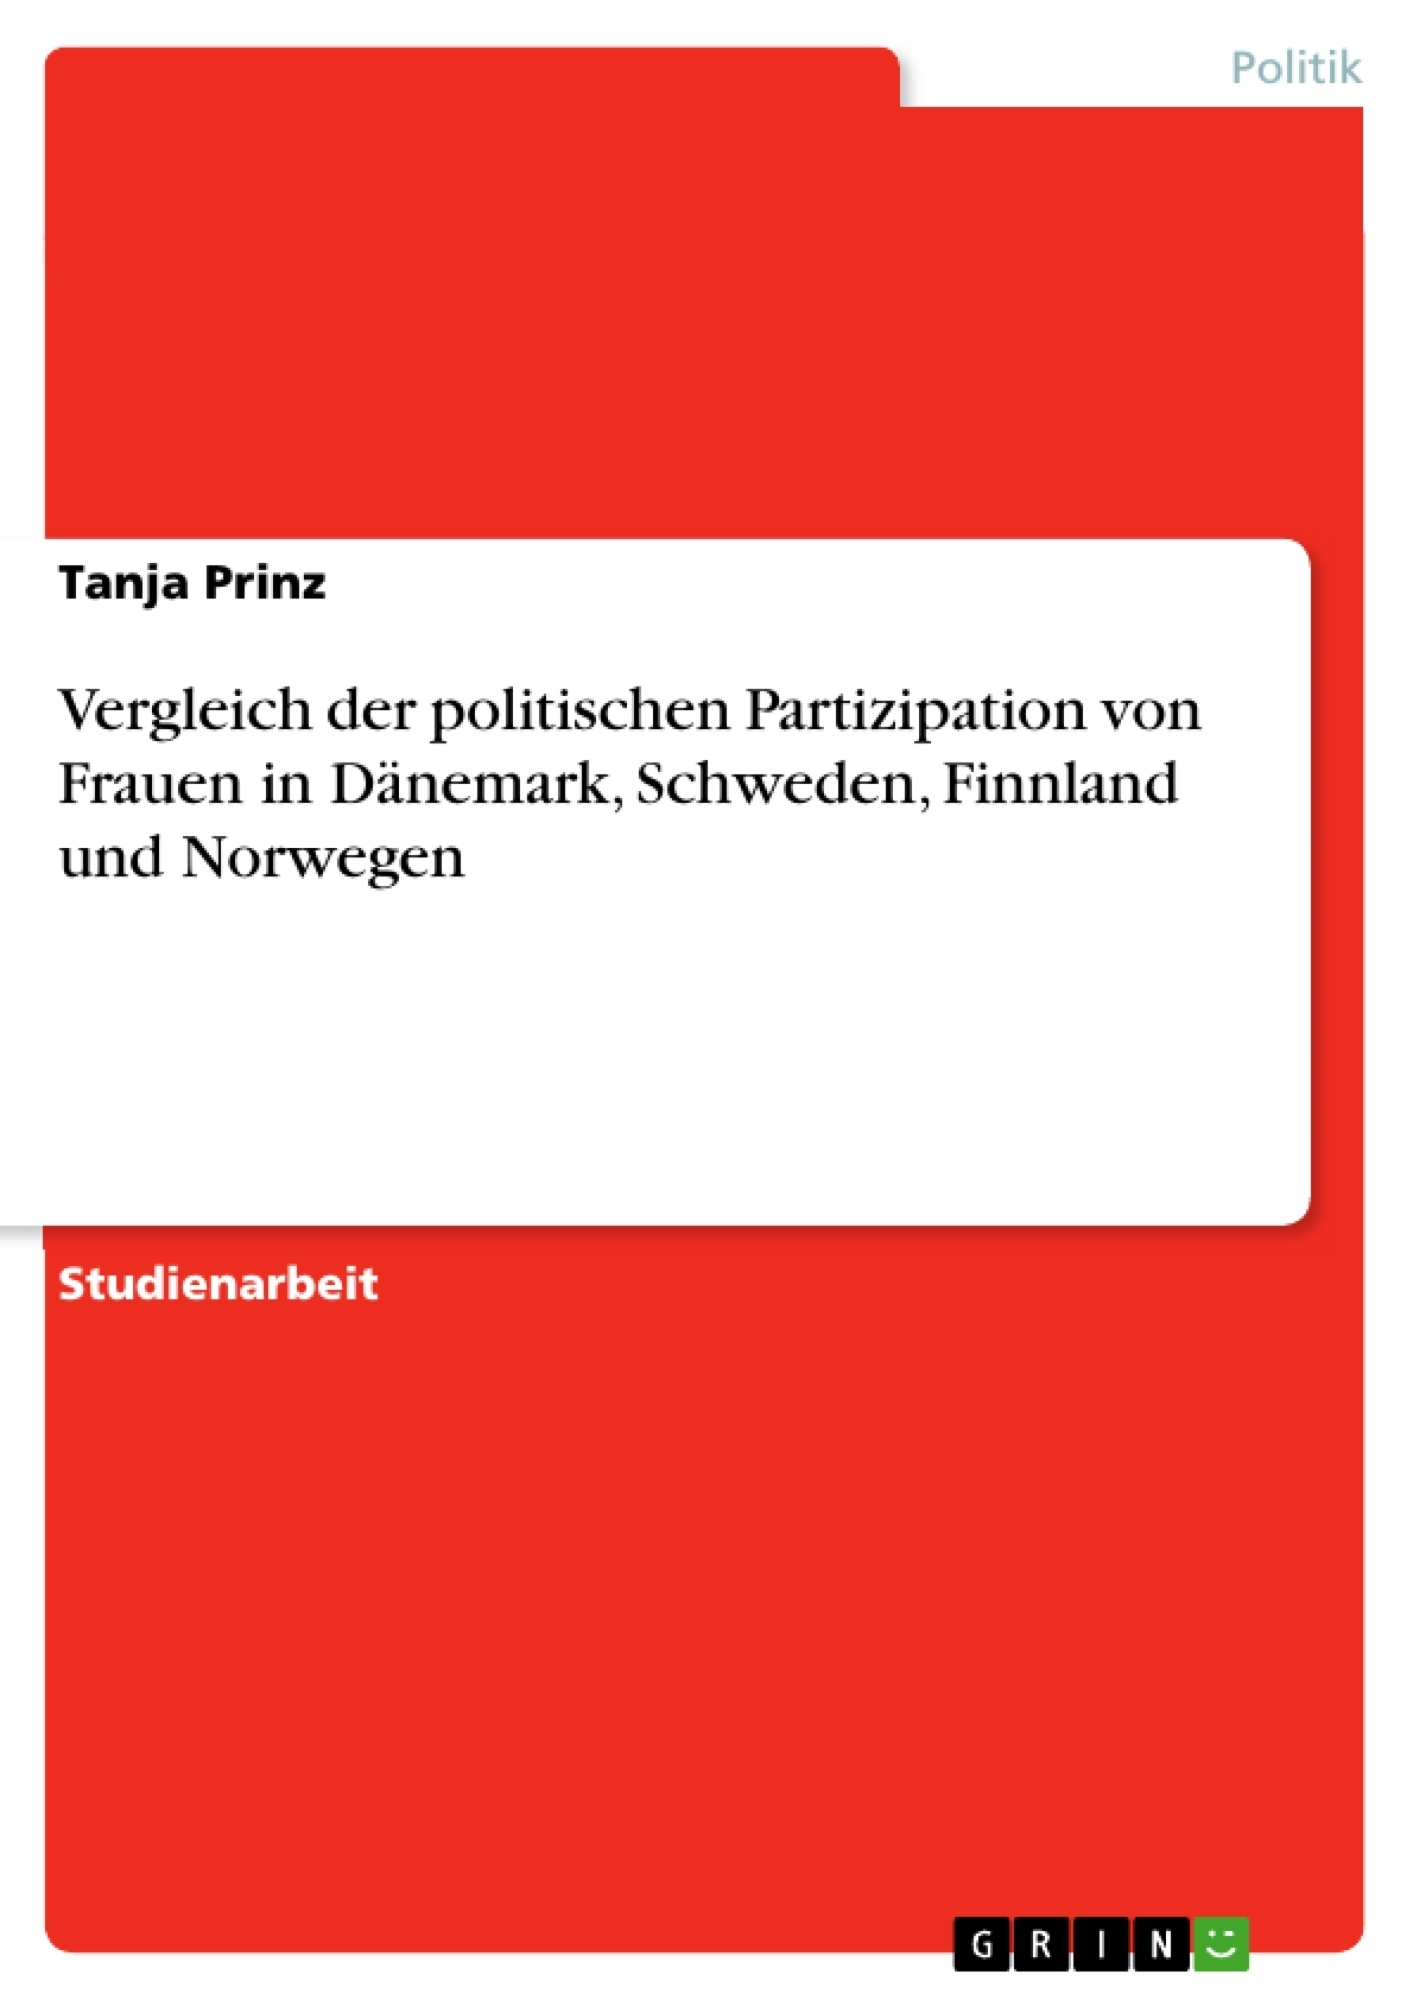 Titel: Vergleich der politischen Partizipation von Frauen in Dänemark, Schweden, Finnland und Norwegen